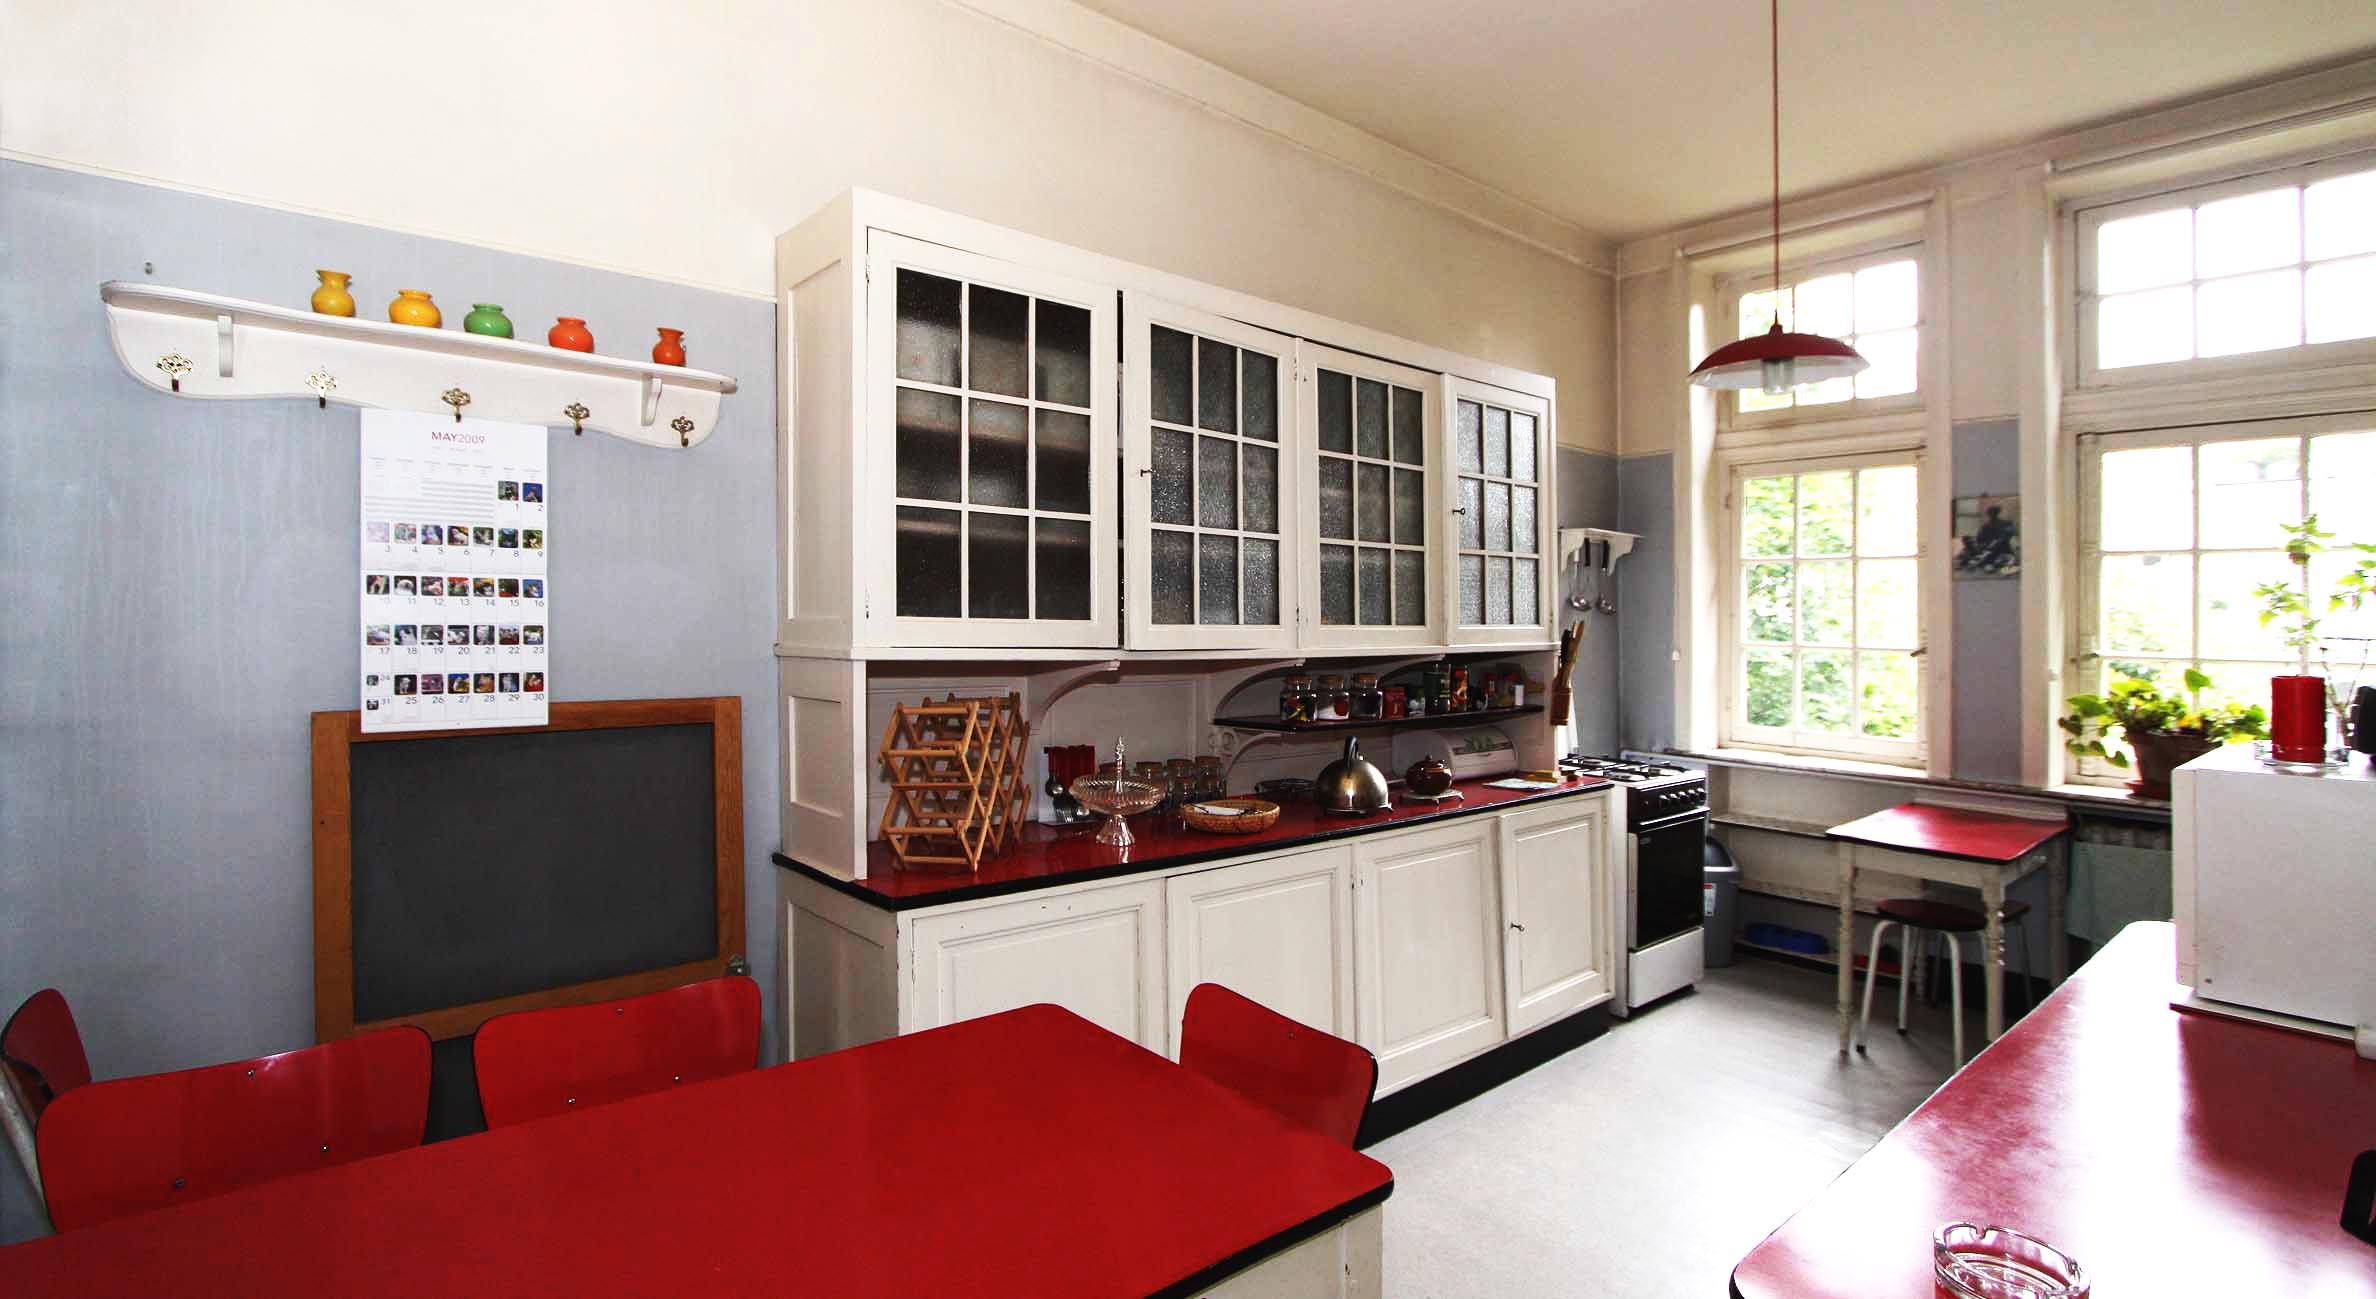 Location appartement Caen : un endroit où je me sens bien